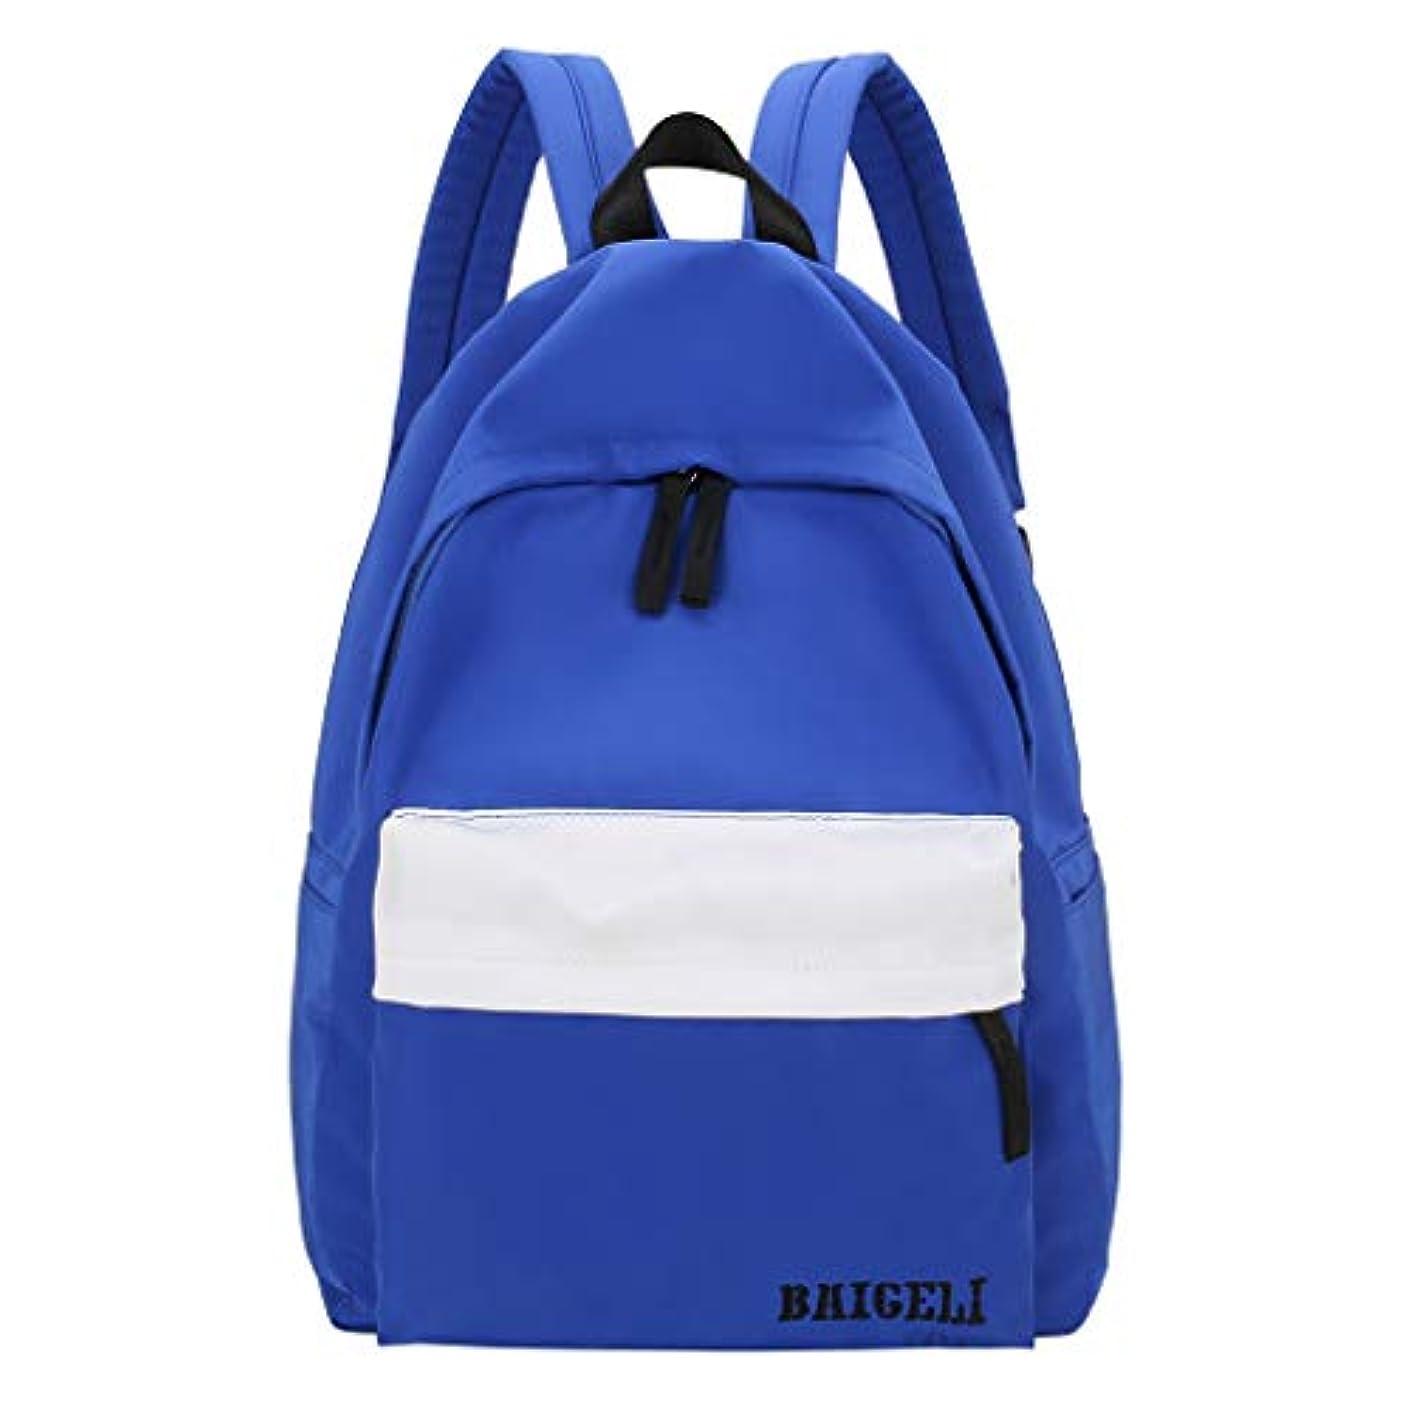 スイッチ北極圏伝染性女の子バッグ子どもリュックサック小学生通学遠足レディースファッションシンプルなソリッドバックパック可愛い 通勤 通学 大容量 おしゃれ 大人 ビジネスリュック カップルュックサック